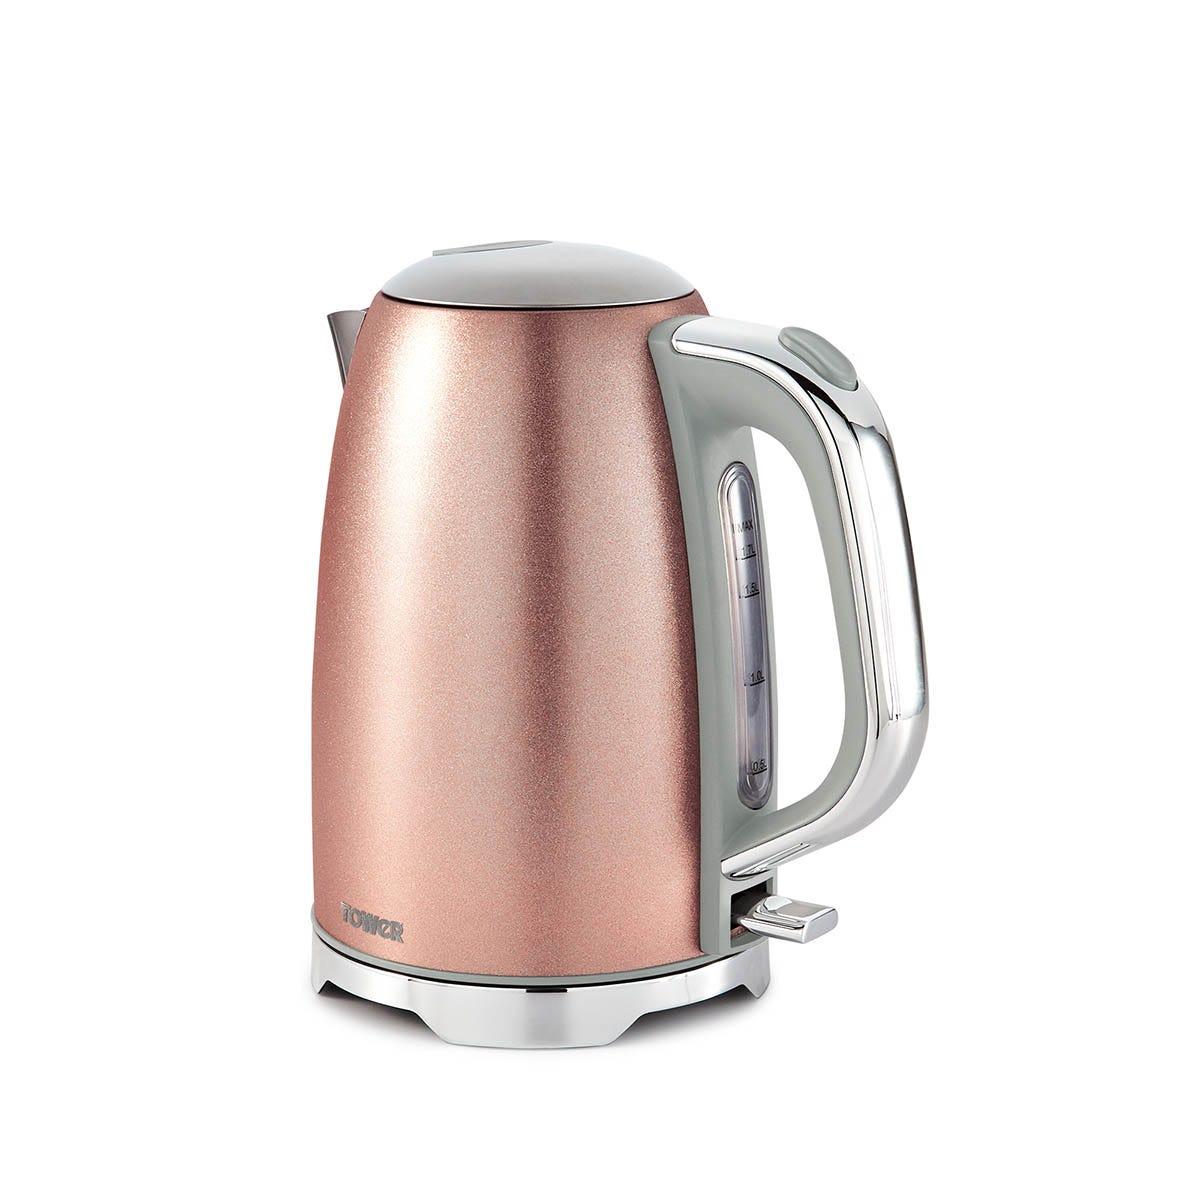 Tower T10039BP Glitz 3000W 1.7L Cordless Jug Kettle - Blush Pink